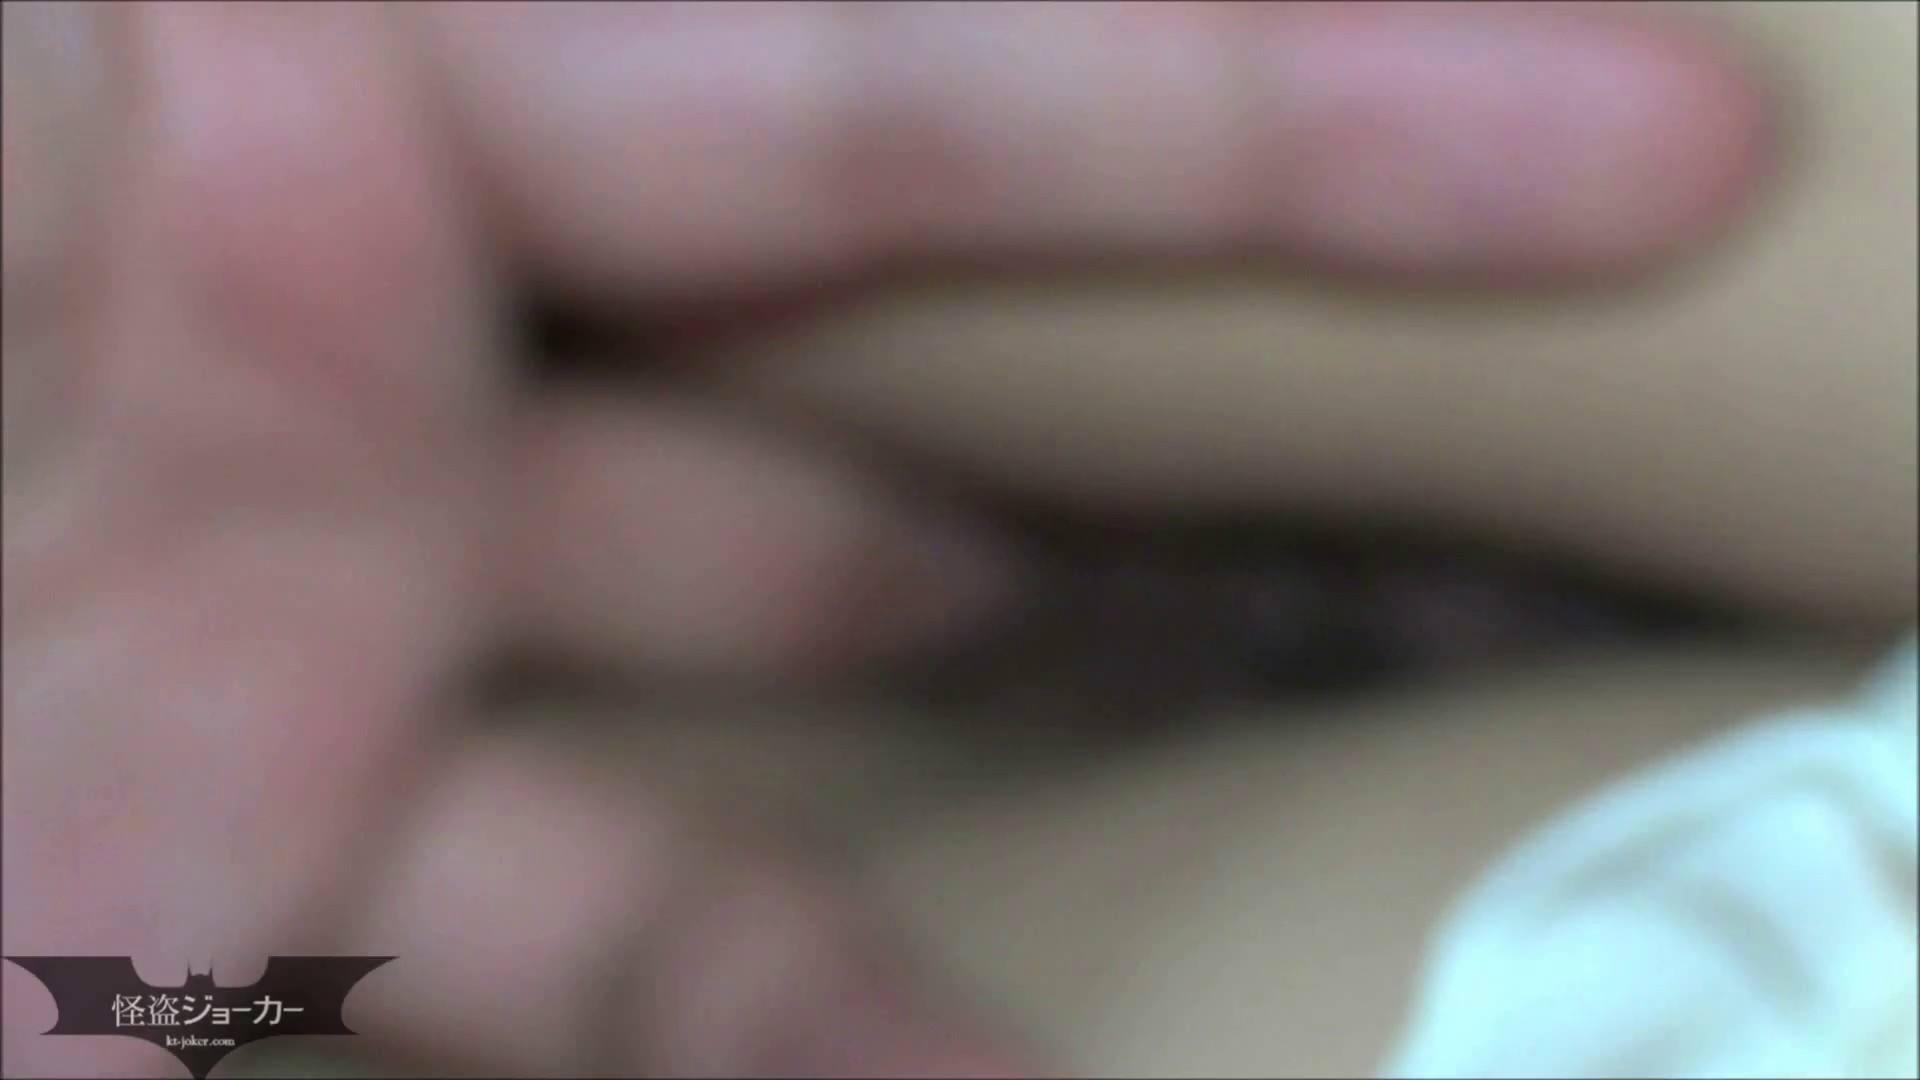 【未公開】vol.102 {雛形さん似の保育園の先生}アキコちゃん② いじくり おまんこ動画流出 67画像 52